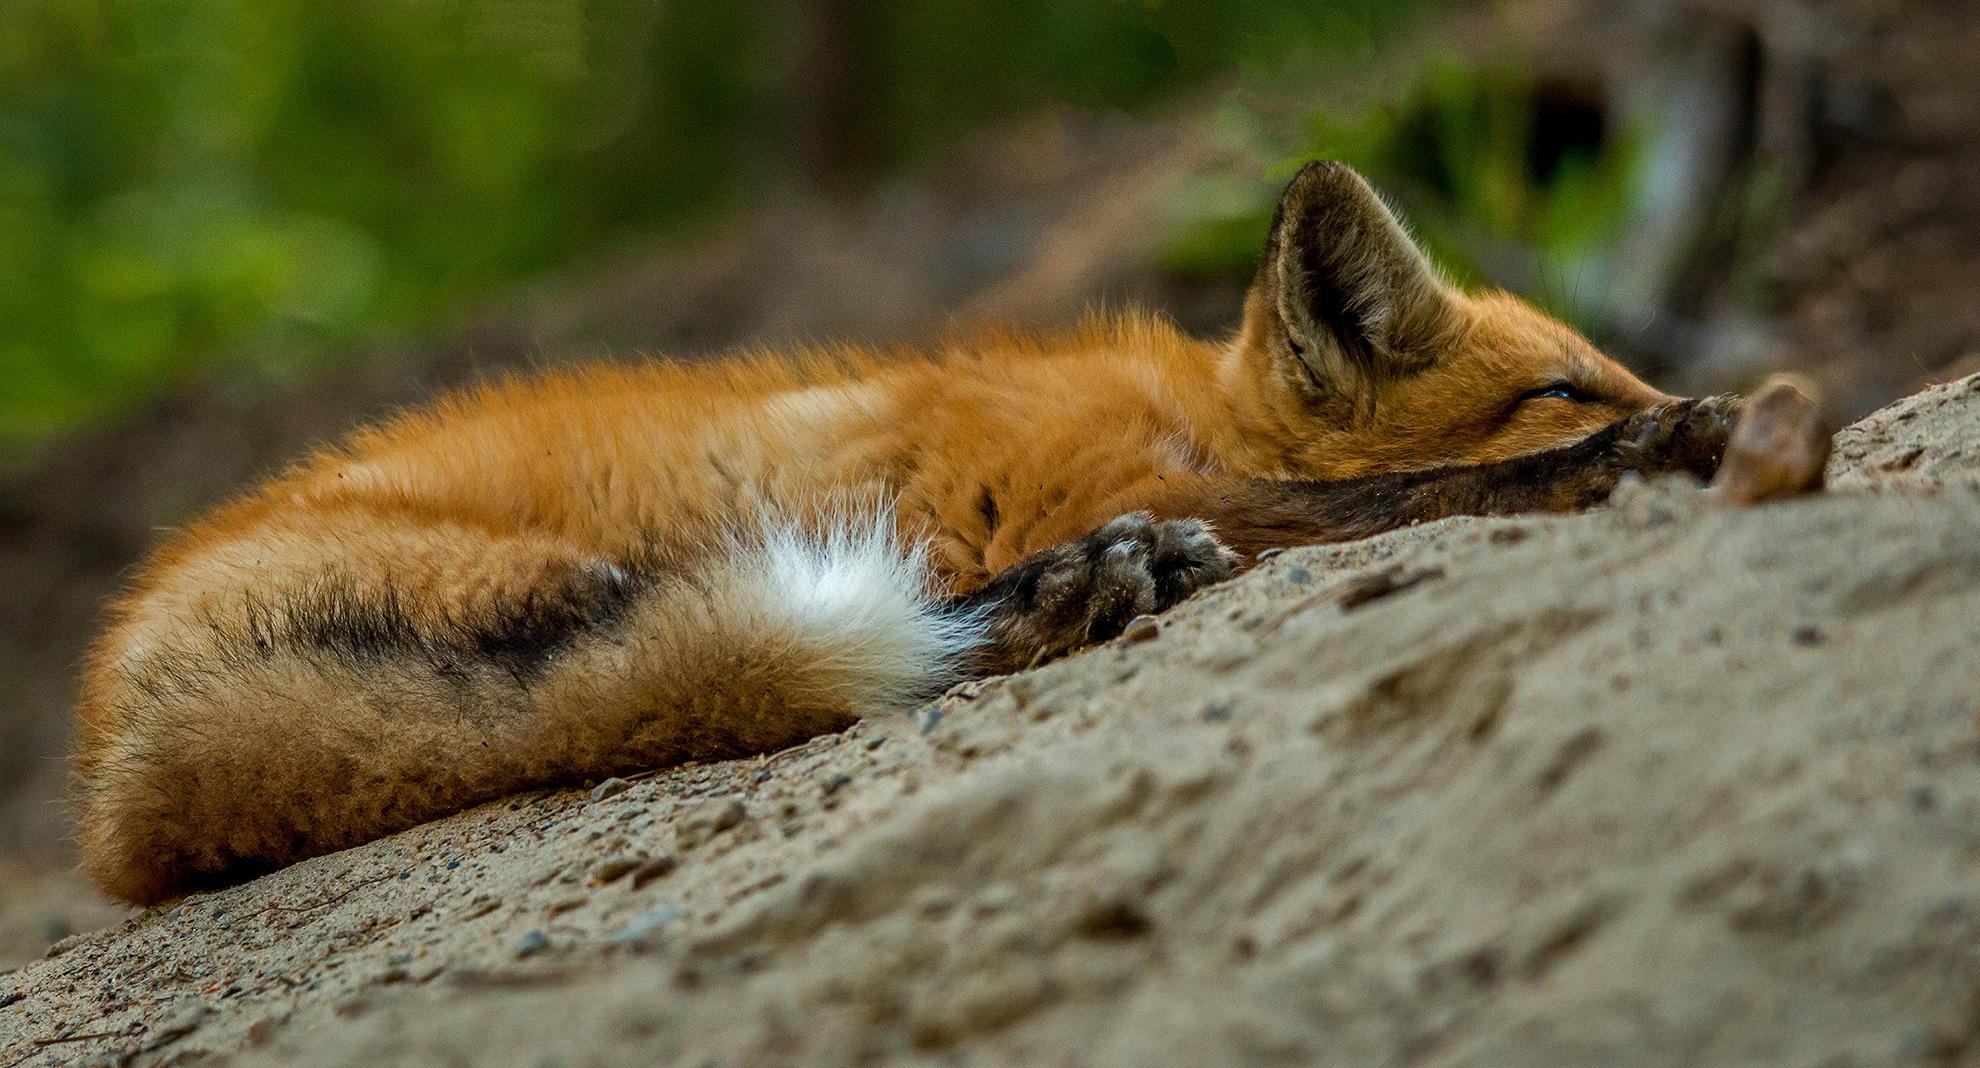 Sleepy Head by Steve Dunsford